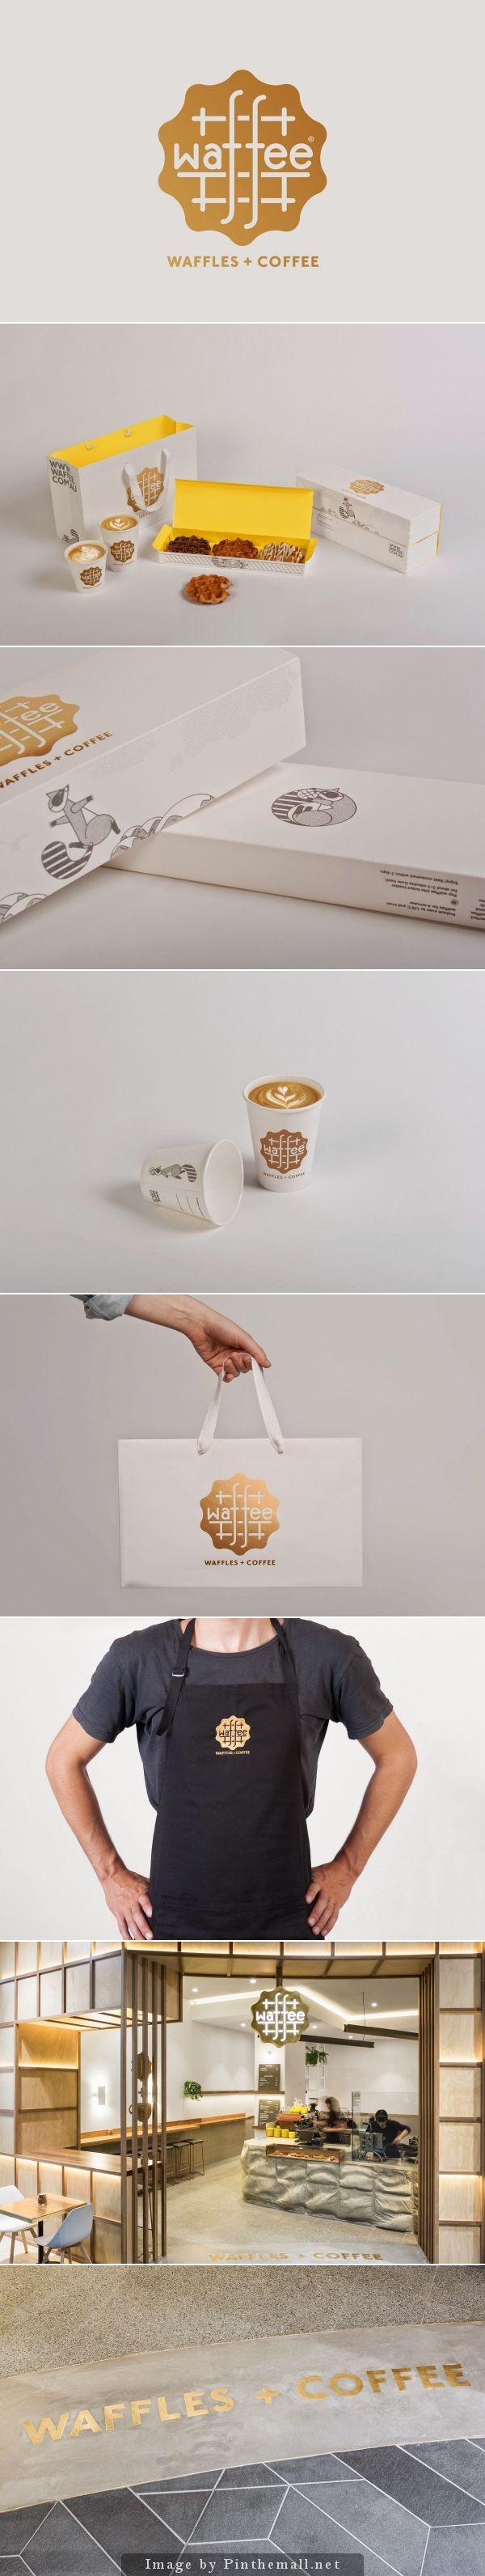 Belgian waffle and coffee chain of Waffee